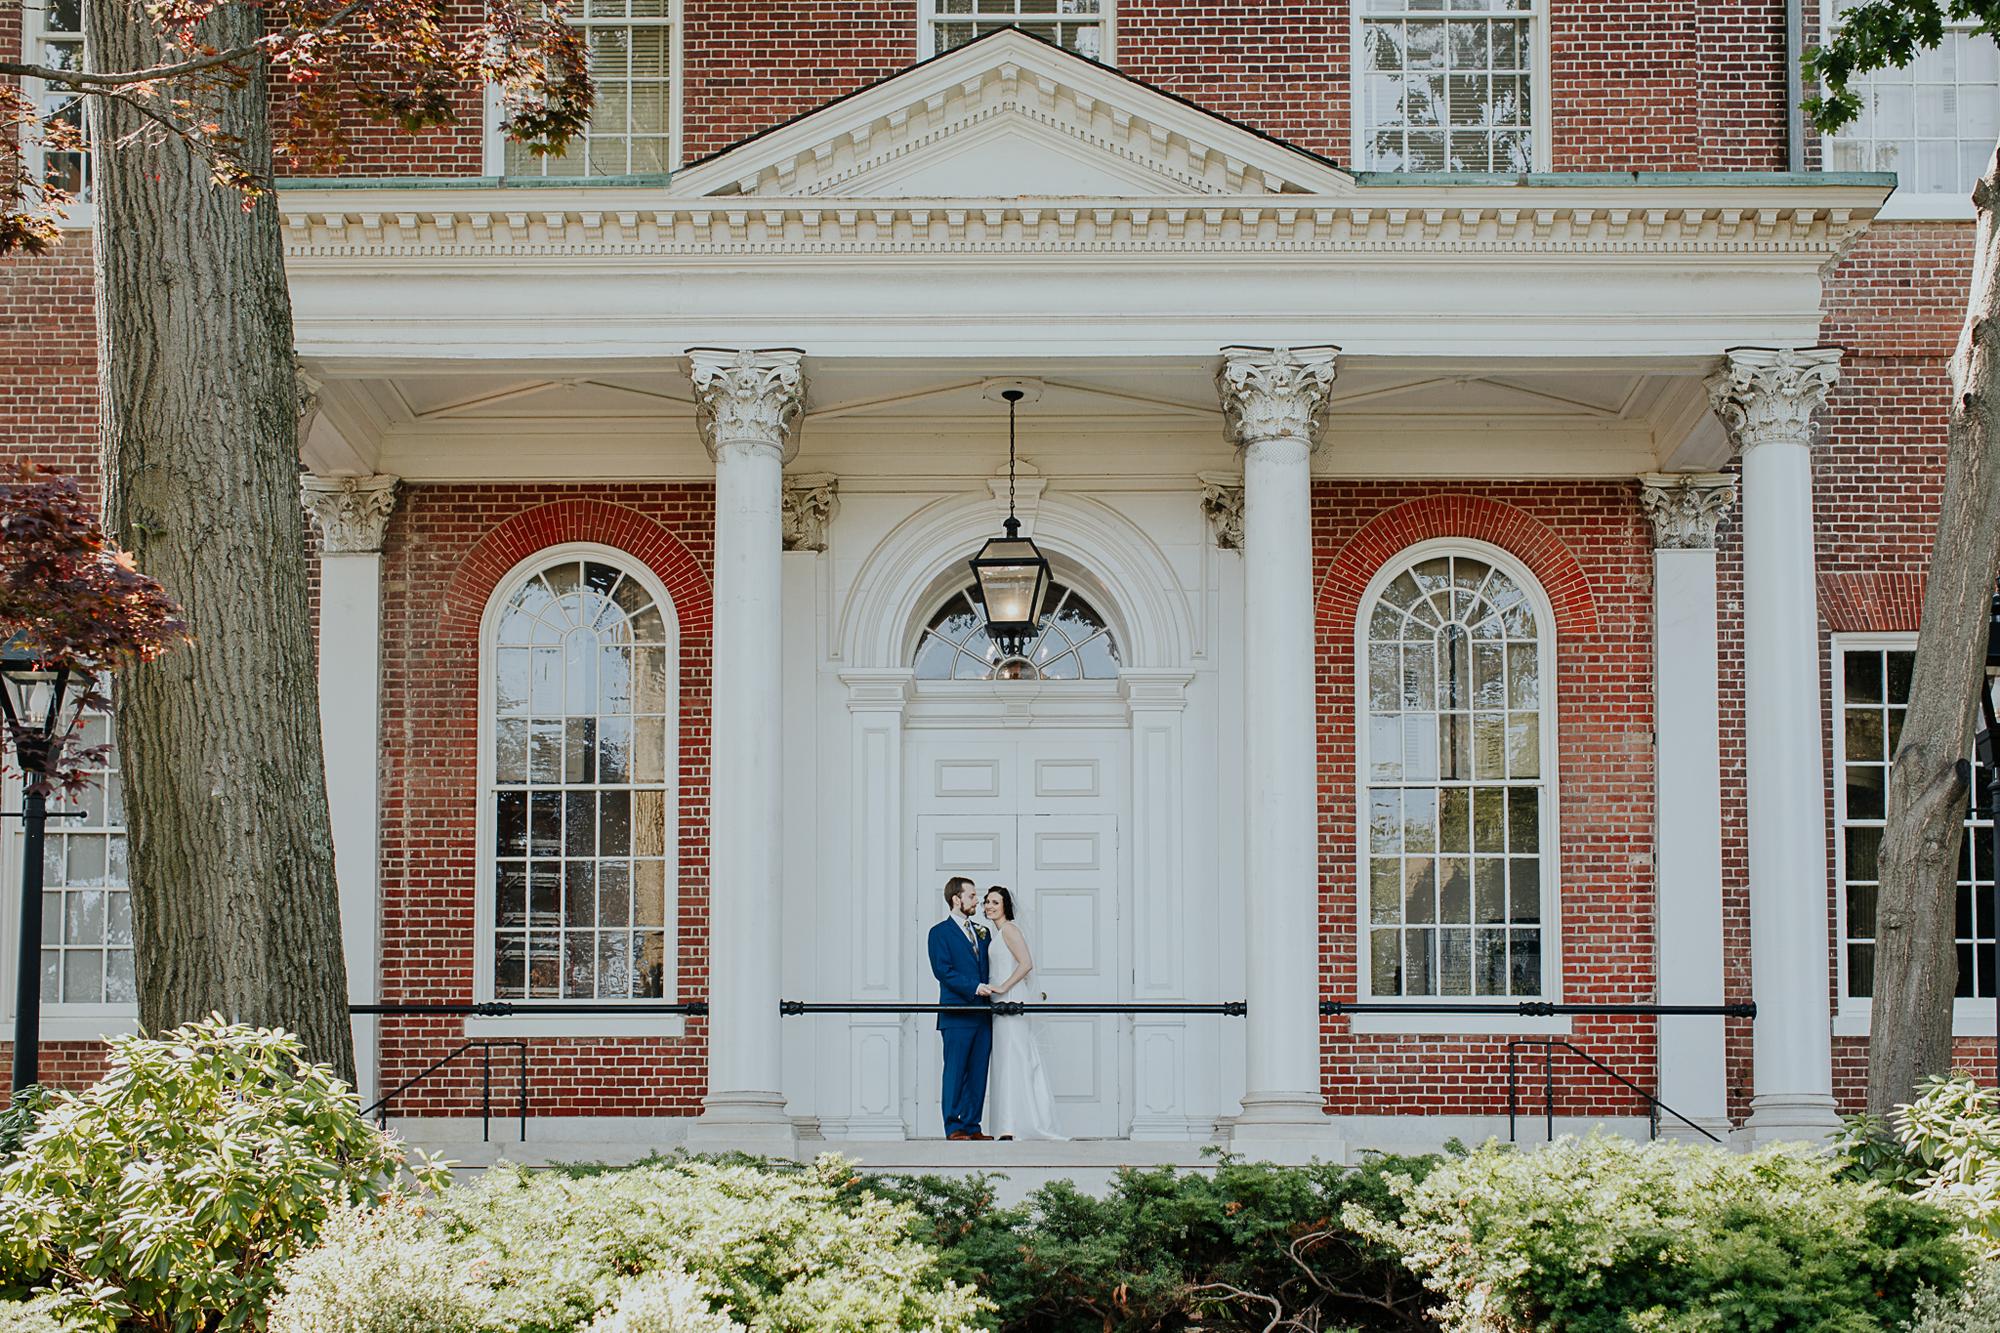 067-annapolis_courthouse_wedding.jpg